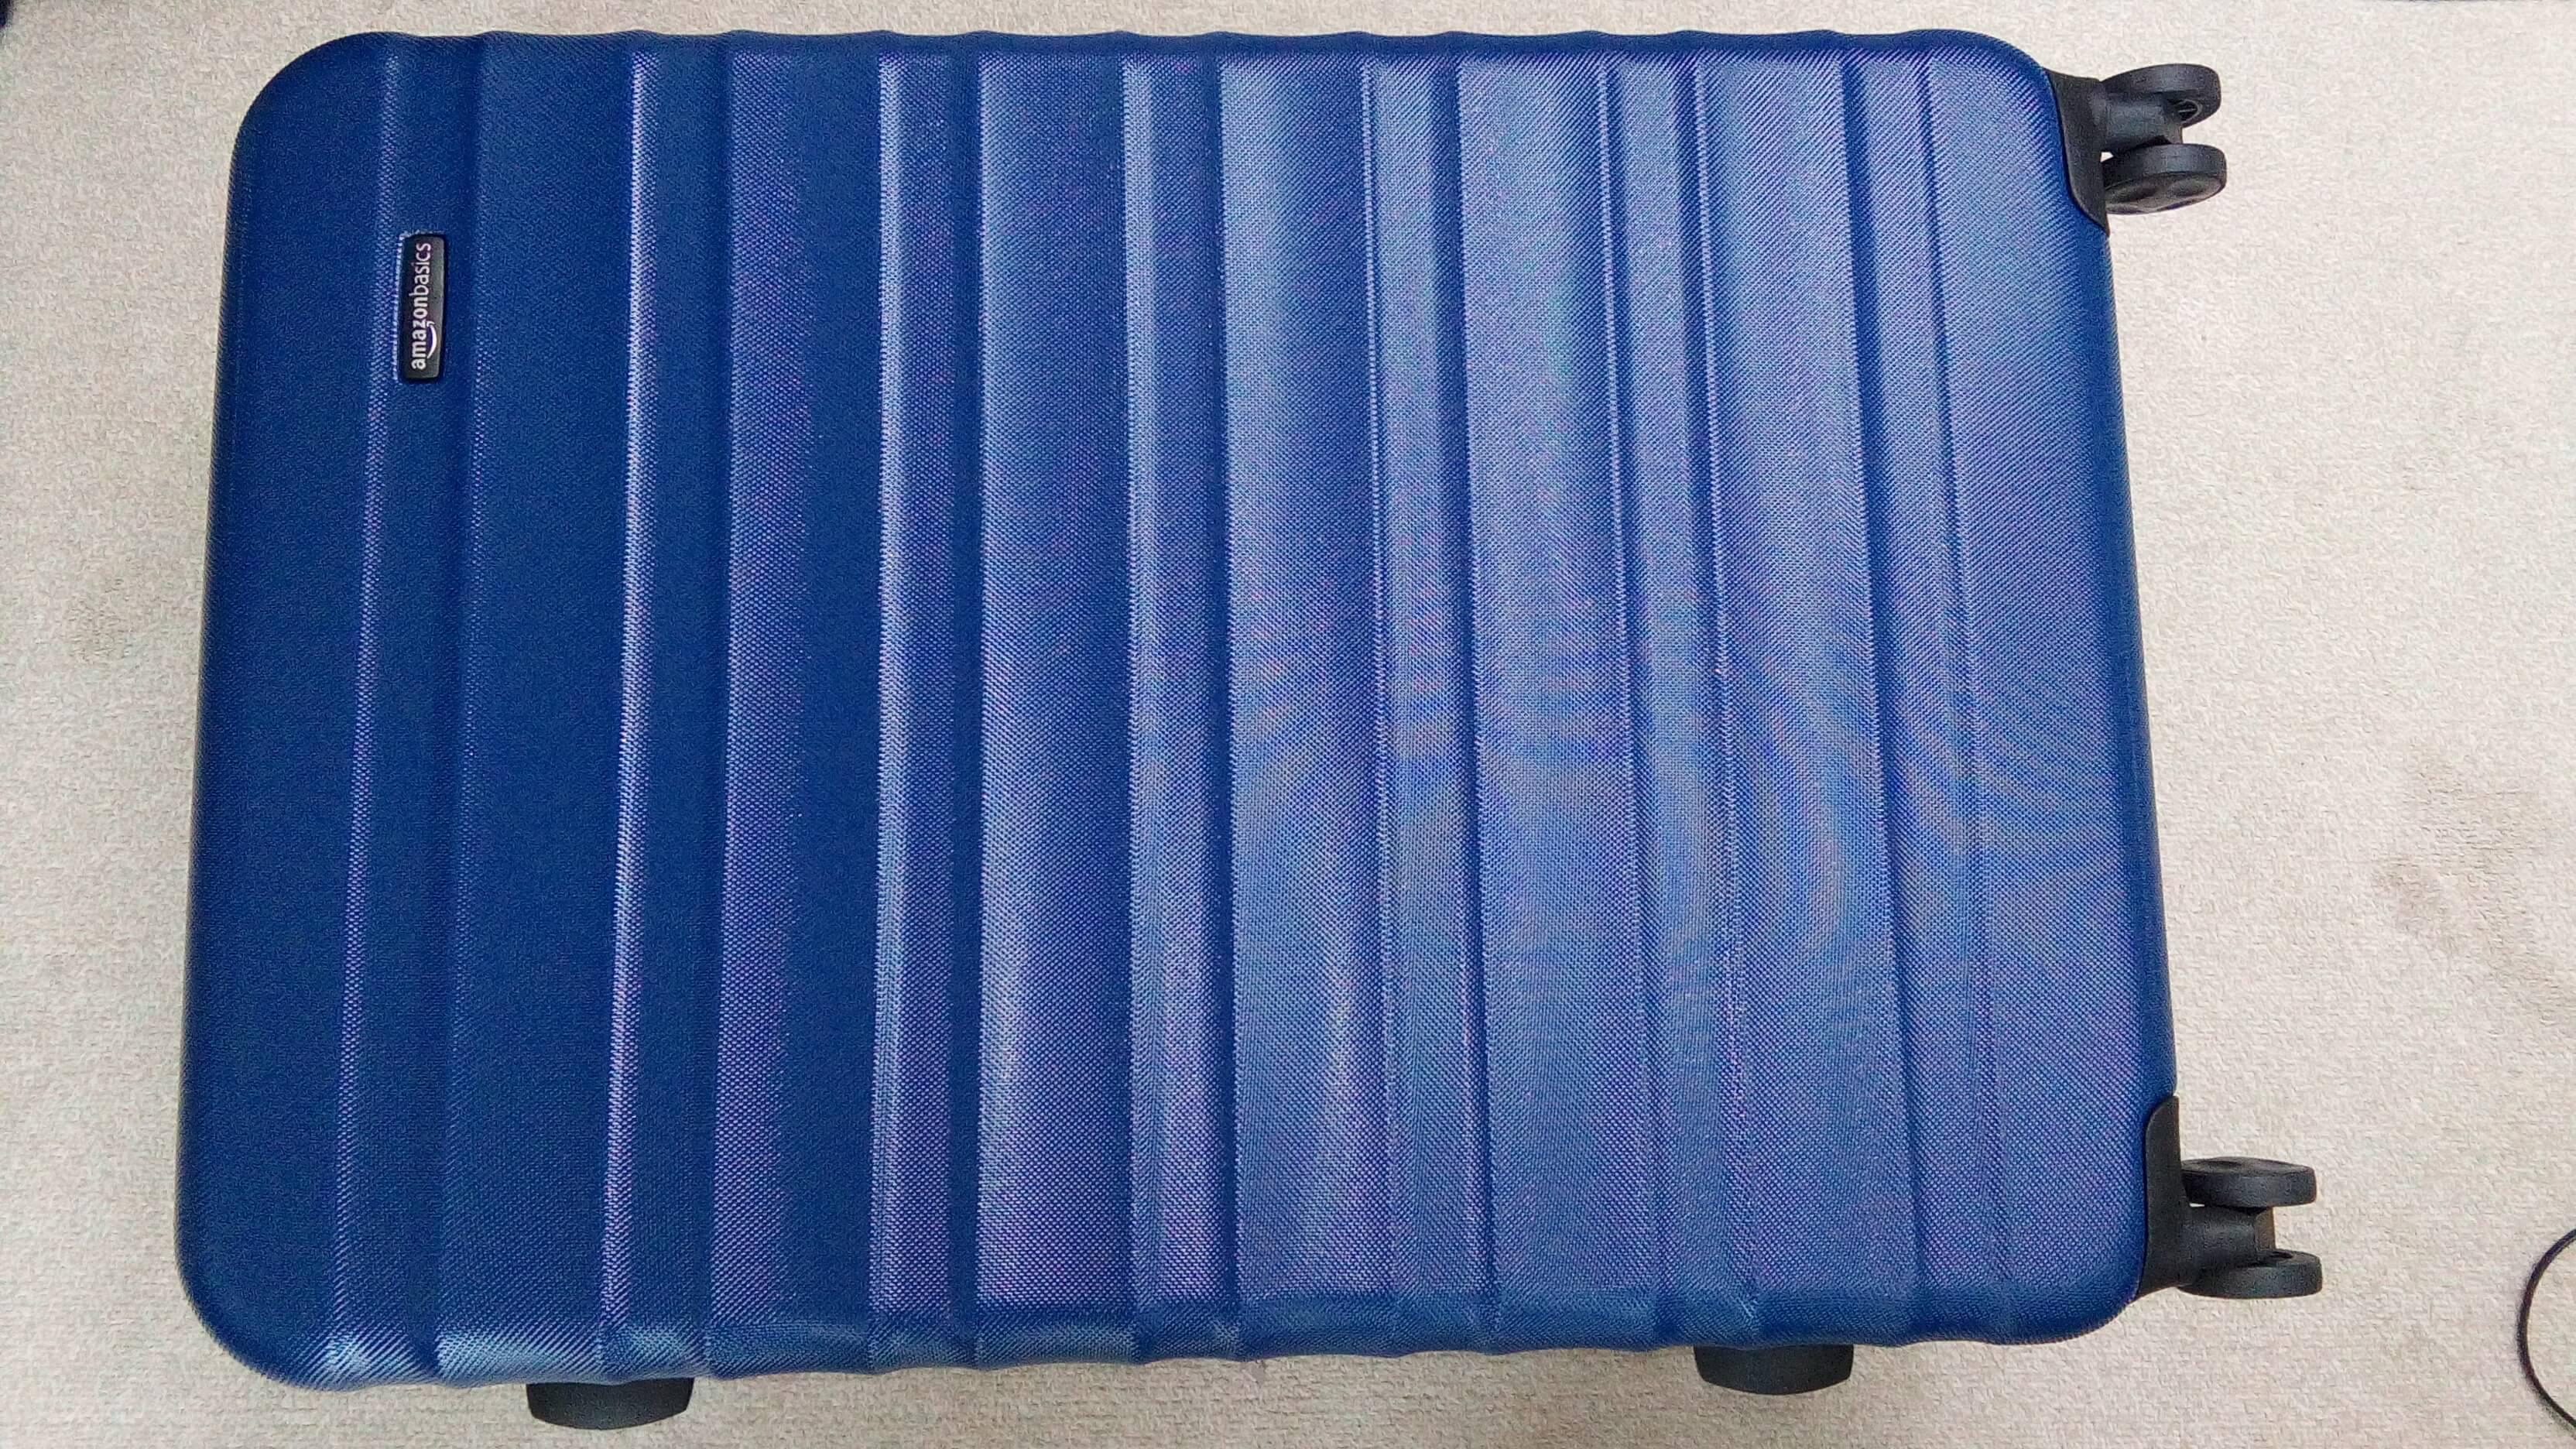 Amazonベーシック ハワイ旅行スーツケース